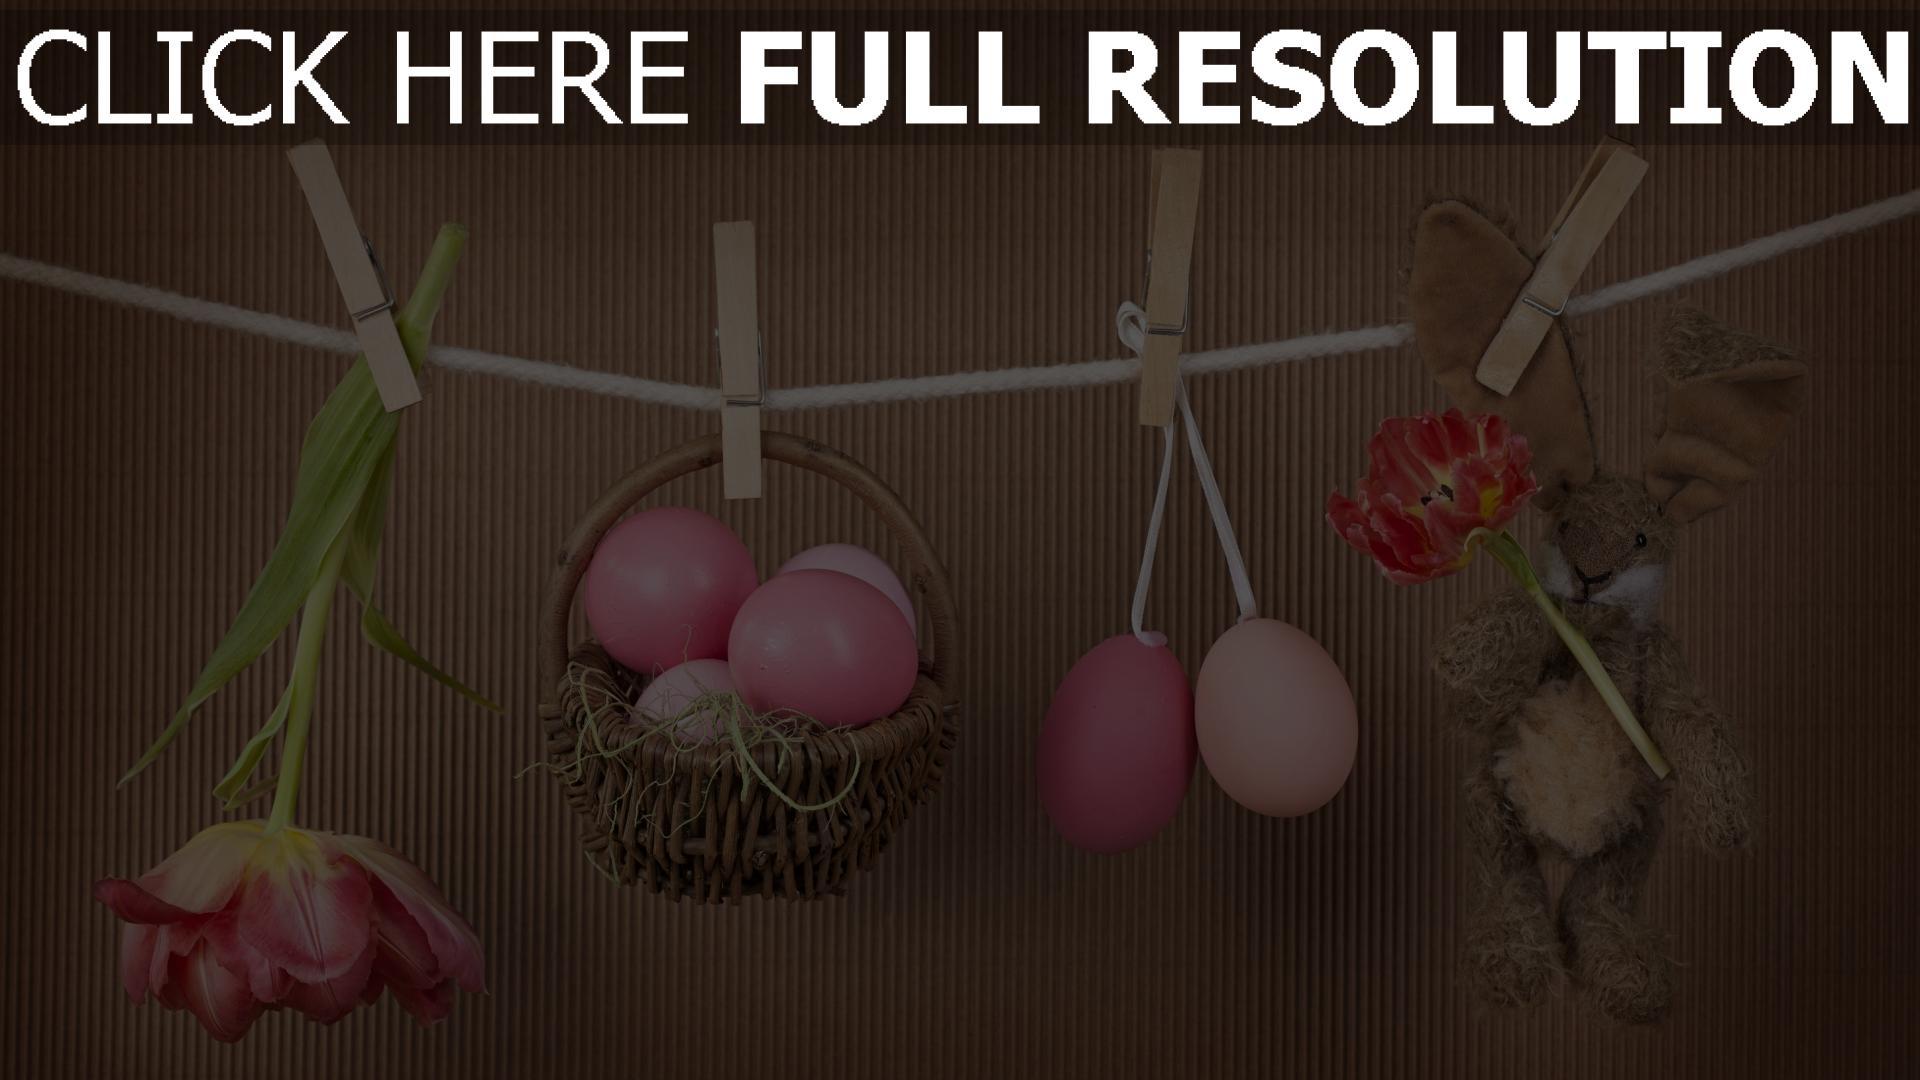 Ostern Hintergrundbilder Kostenlos hd hintergrundbilder korb eier häschen tulpen ostern frühling